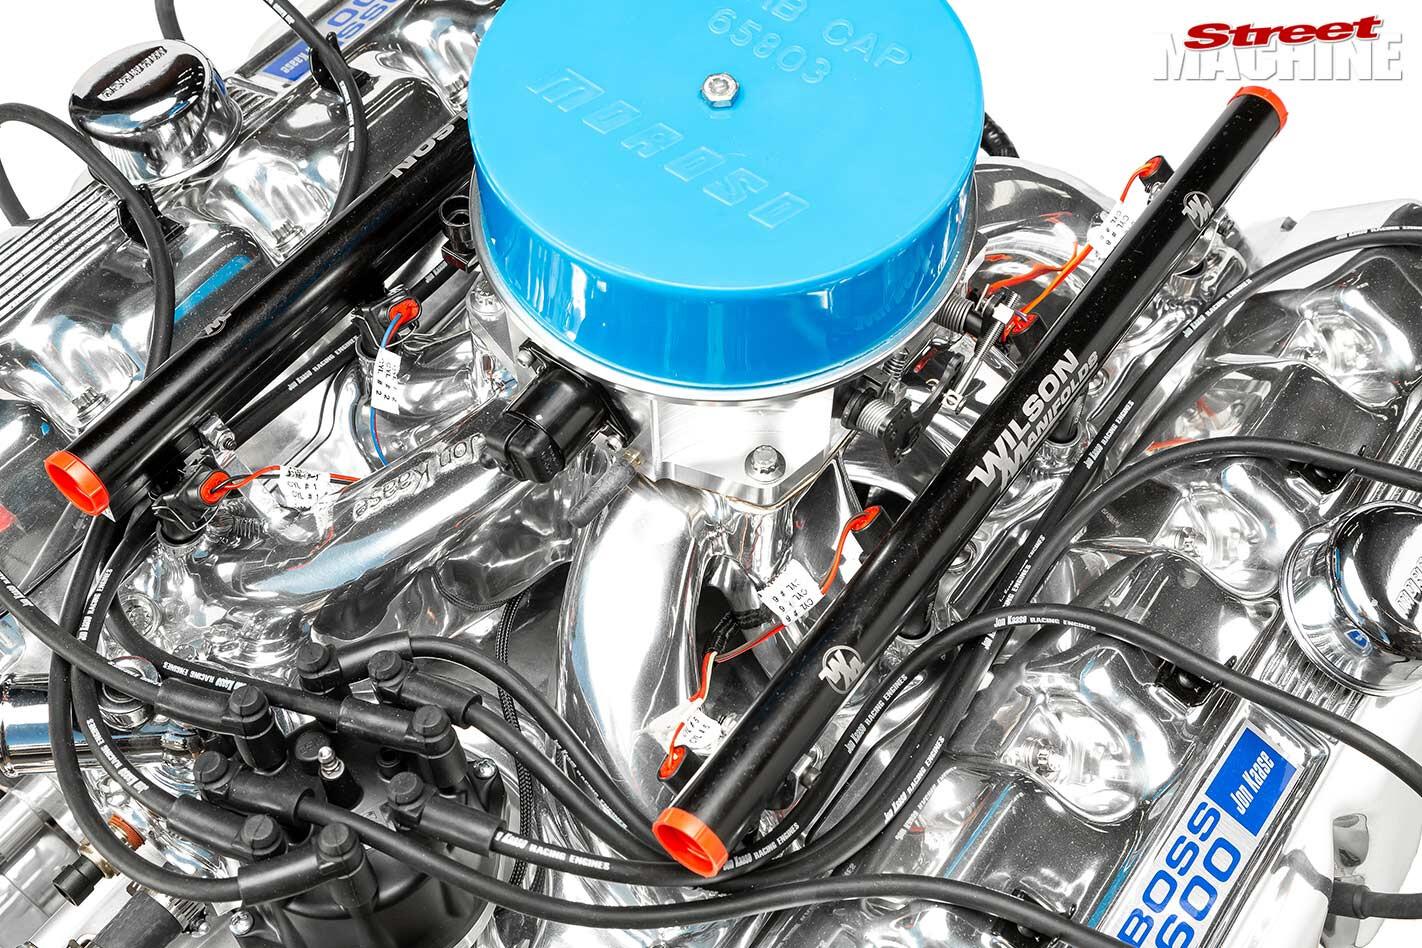 598ci big-block ford engine